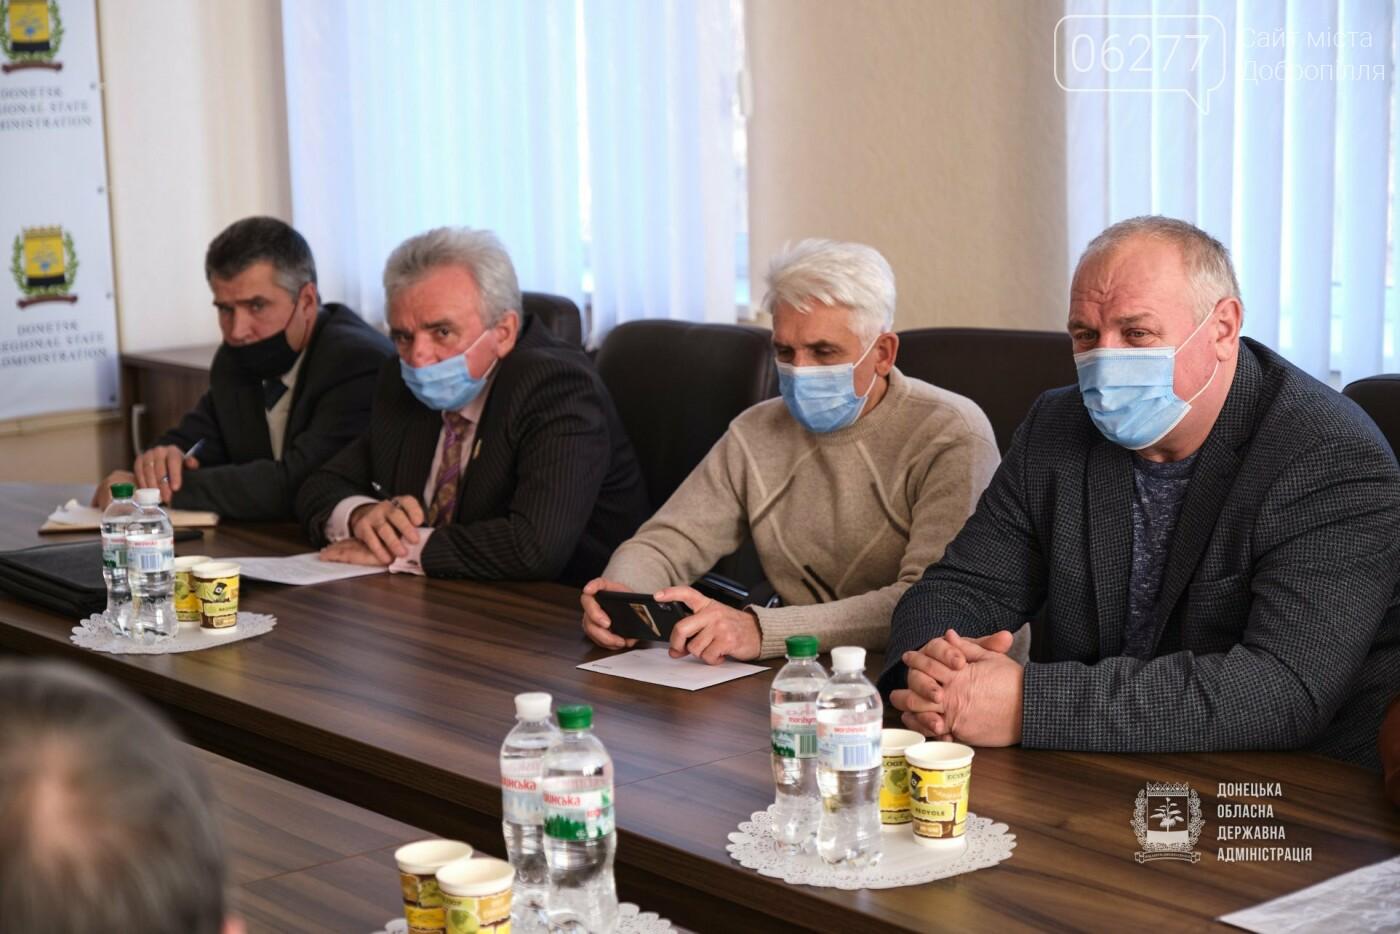 Близько 700 мільйонів гривень має надійти на шахти Донеччини для погашення заборгованості із зарплати, фото-3